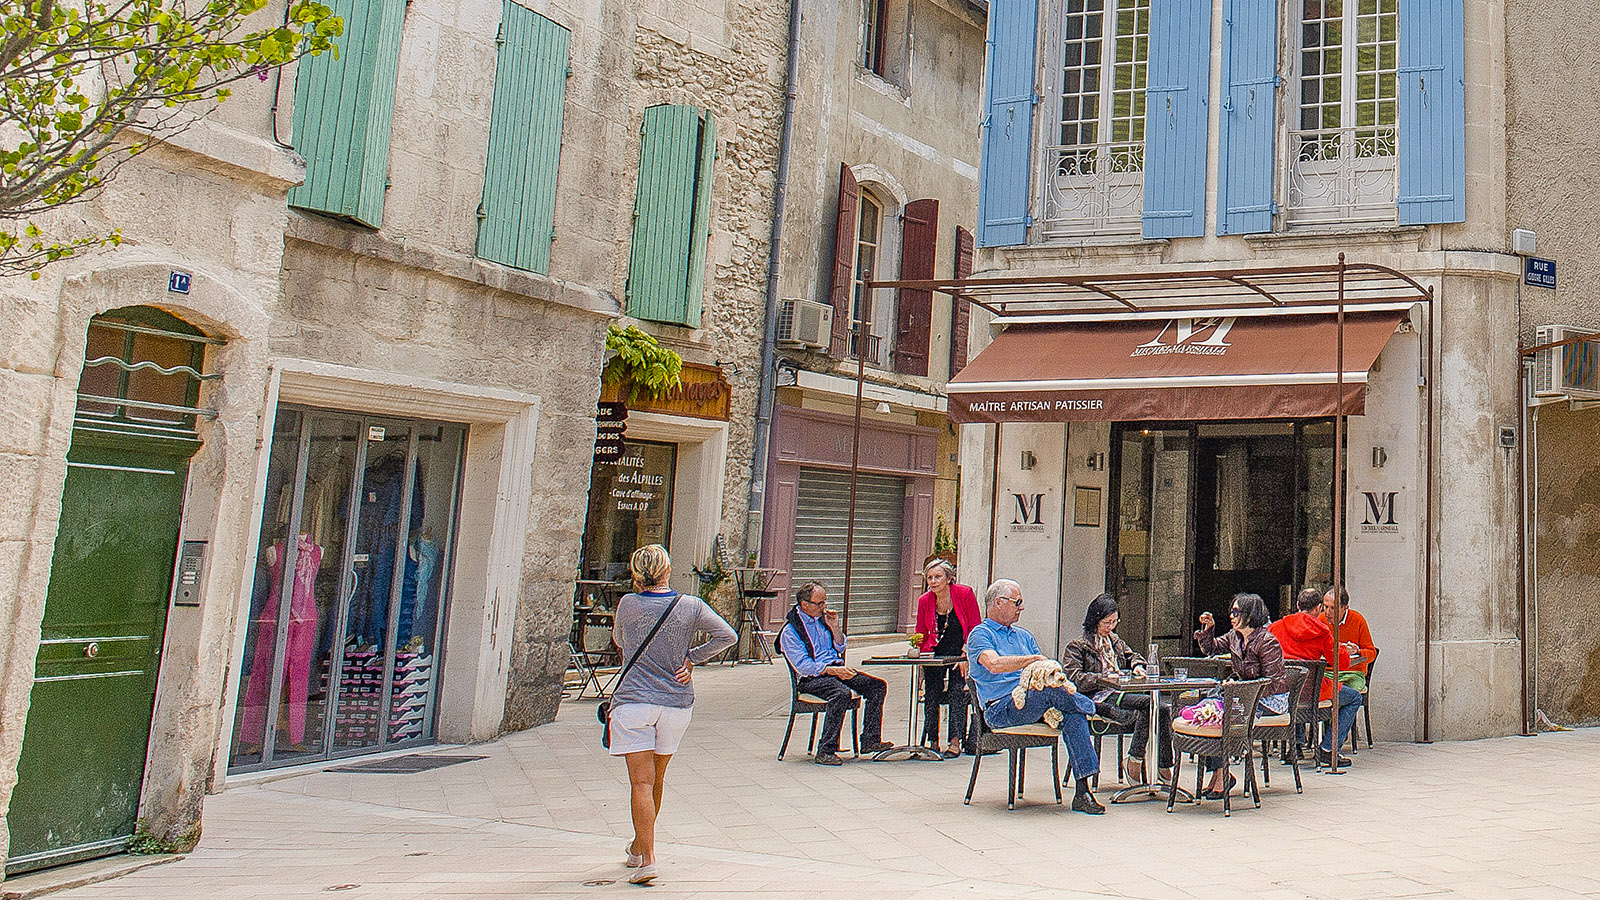 In der Altstadt von Saint-Rémy-de-Provence. Foto: Hike Maunder